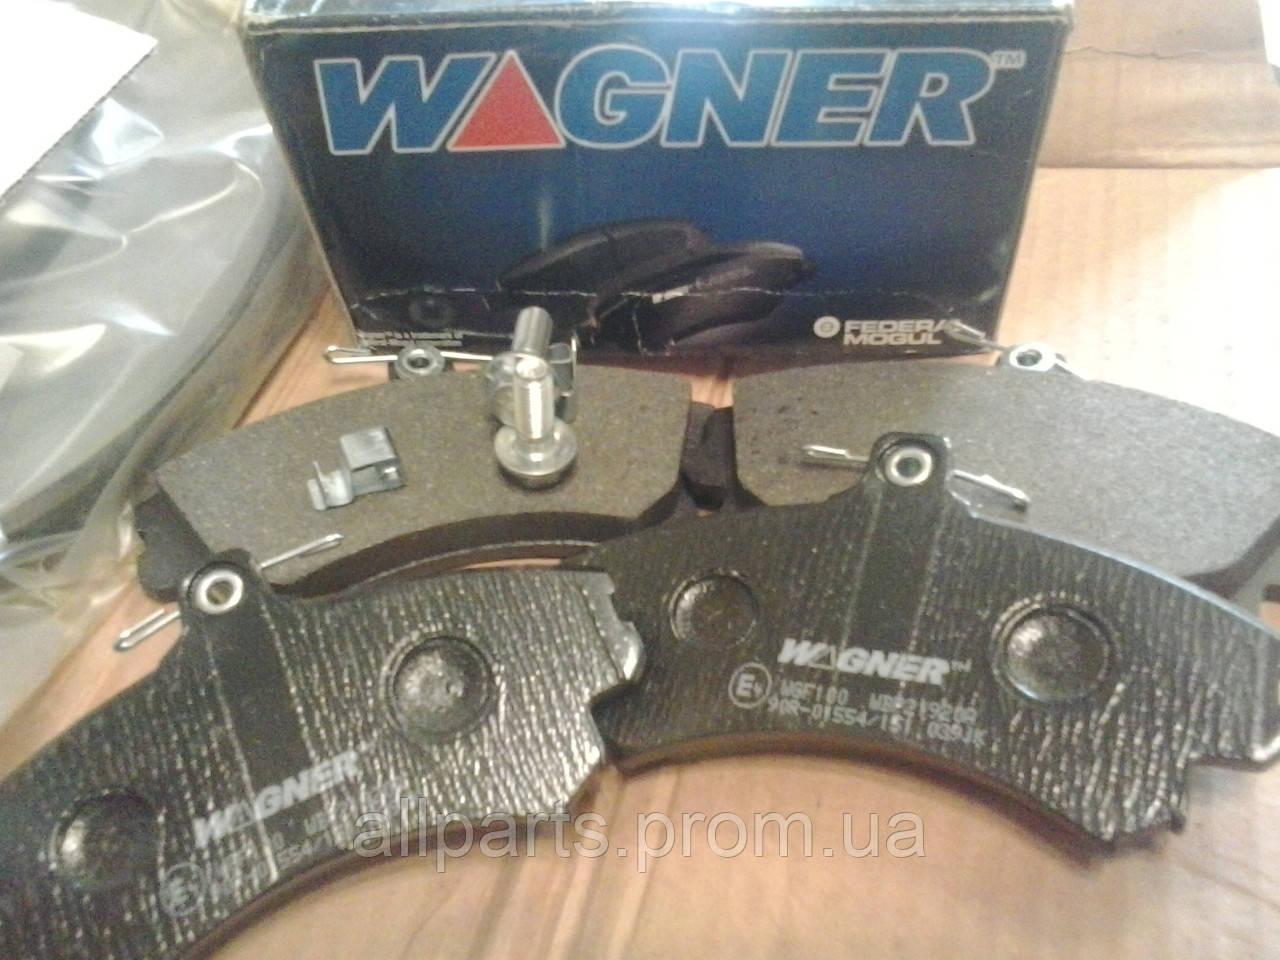 Тормозные колодки Wagner (страна производитель Германия)